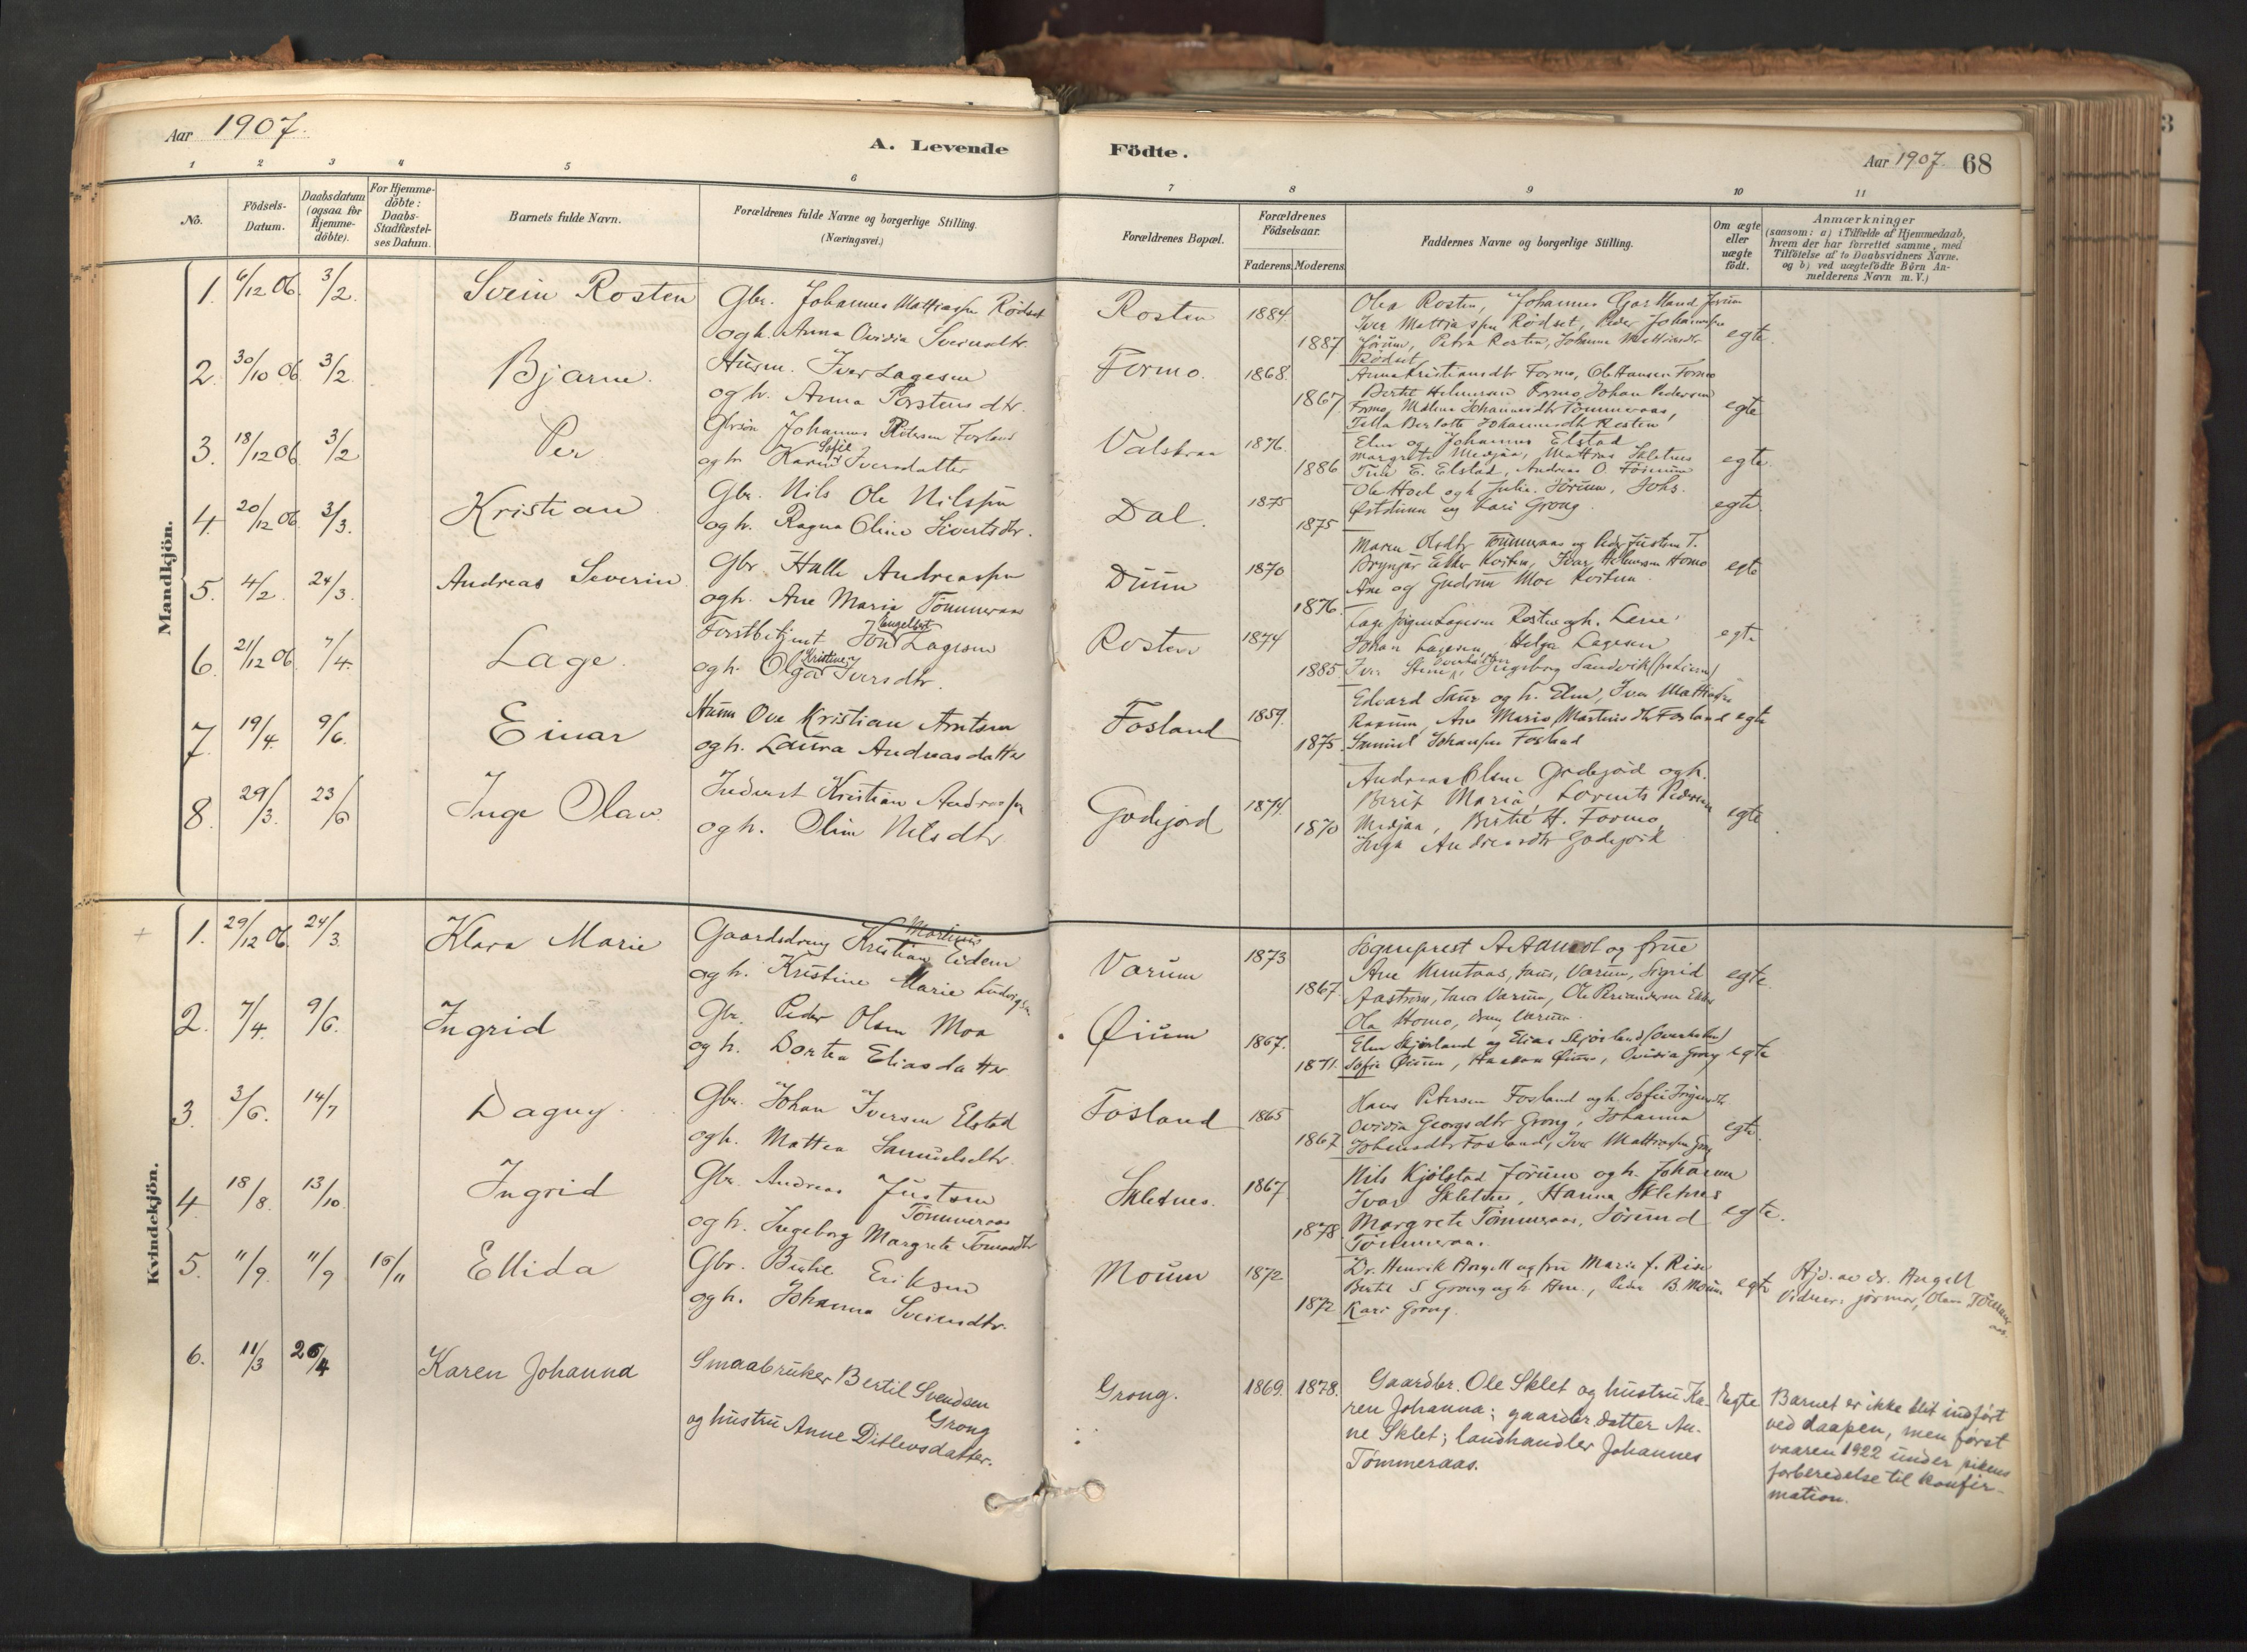 SAT, Ministerialprotokoller, klokkerbøker og fødselsregistre - Nord-Trøndelag, 758/L0519: Ministerialbok nr. 758A04, 1880-1926, s. 68